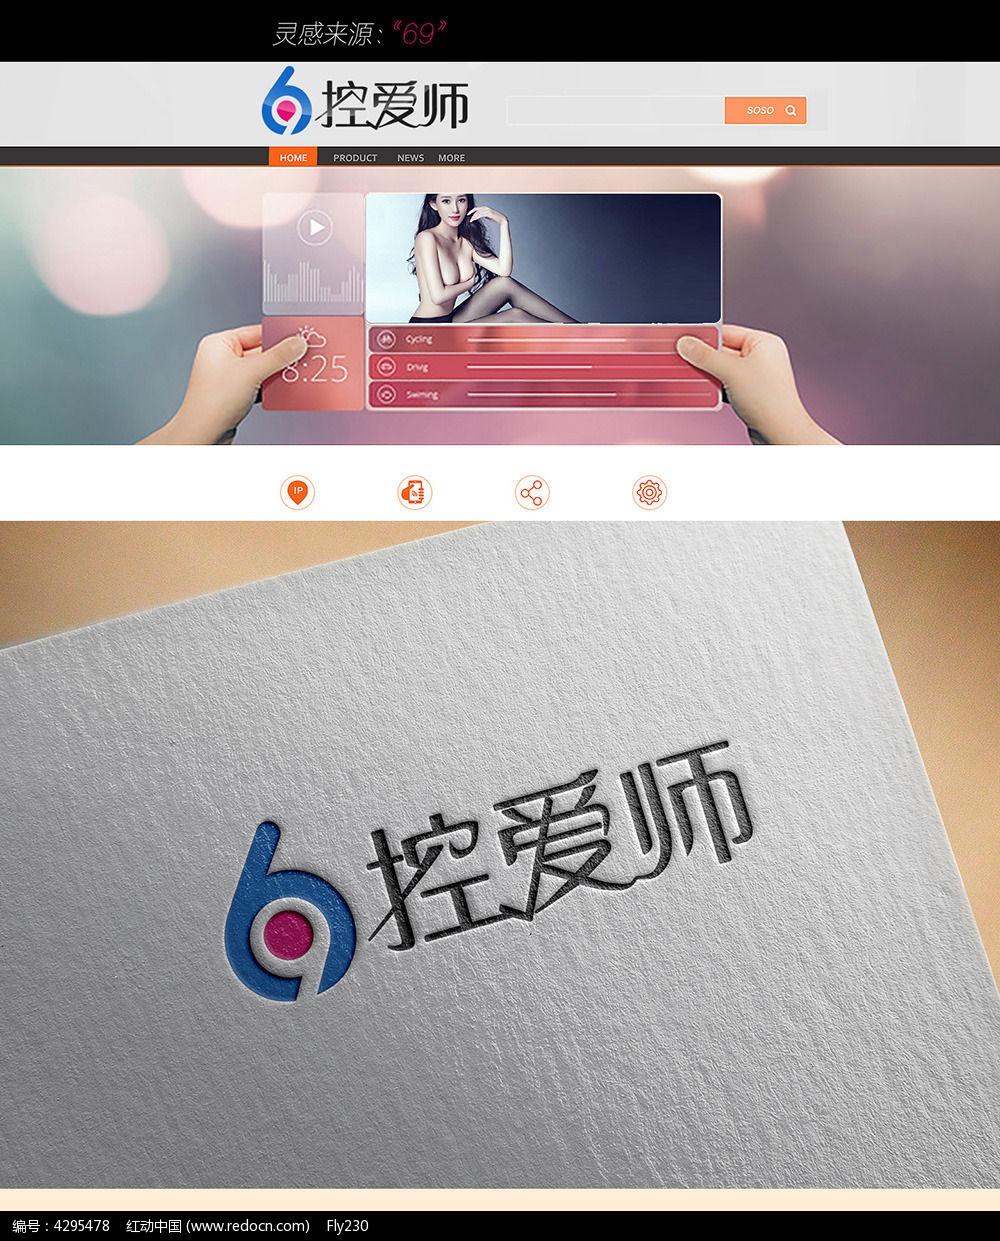 红动网提供其他logo作品访问素材下载,您当前原创主题精品是成人用品l最的女情趣用品舒服什么用图片